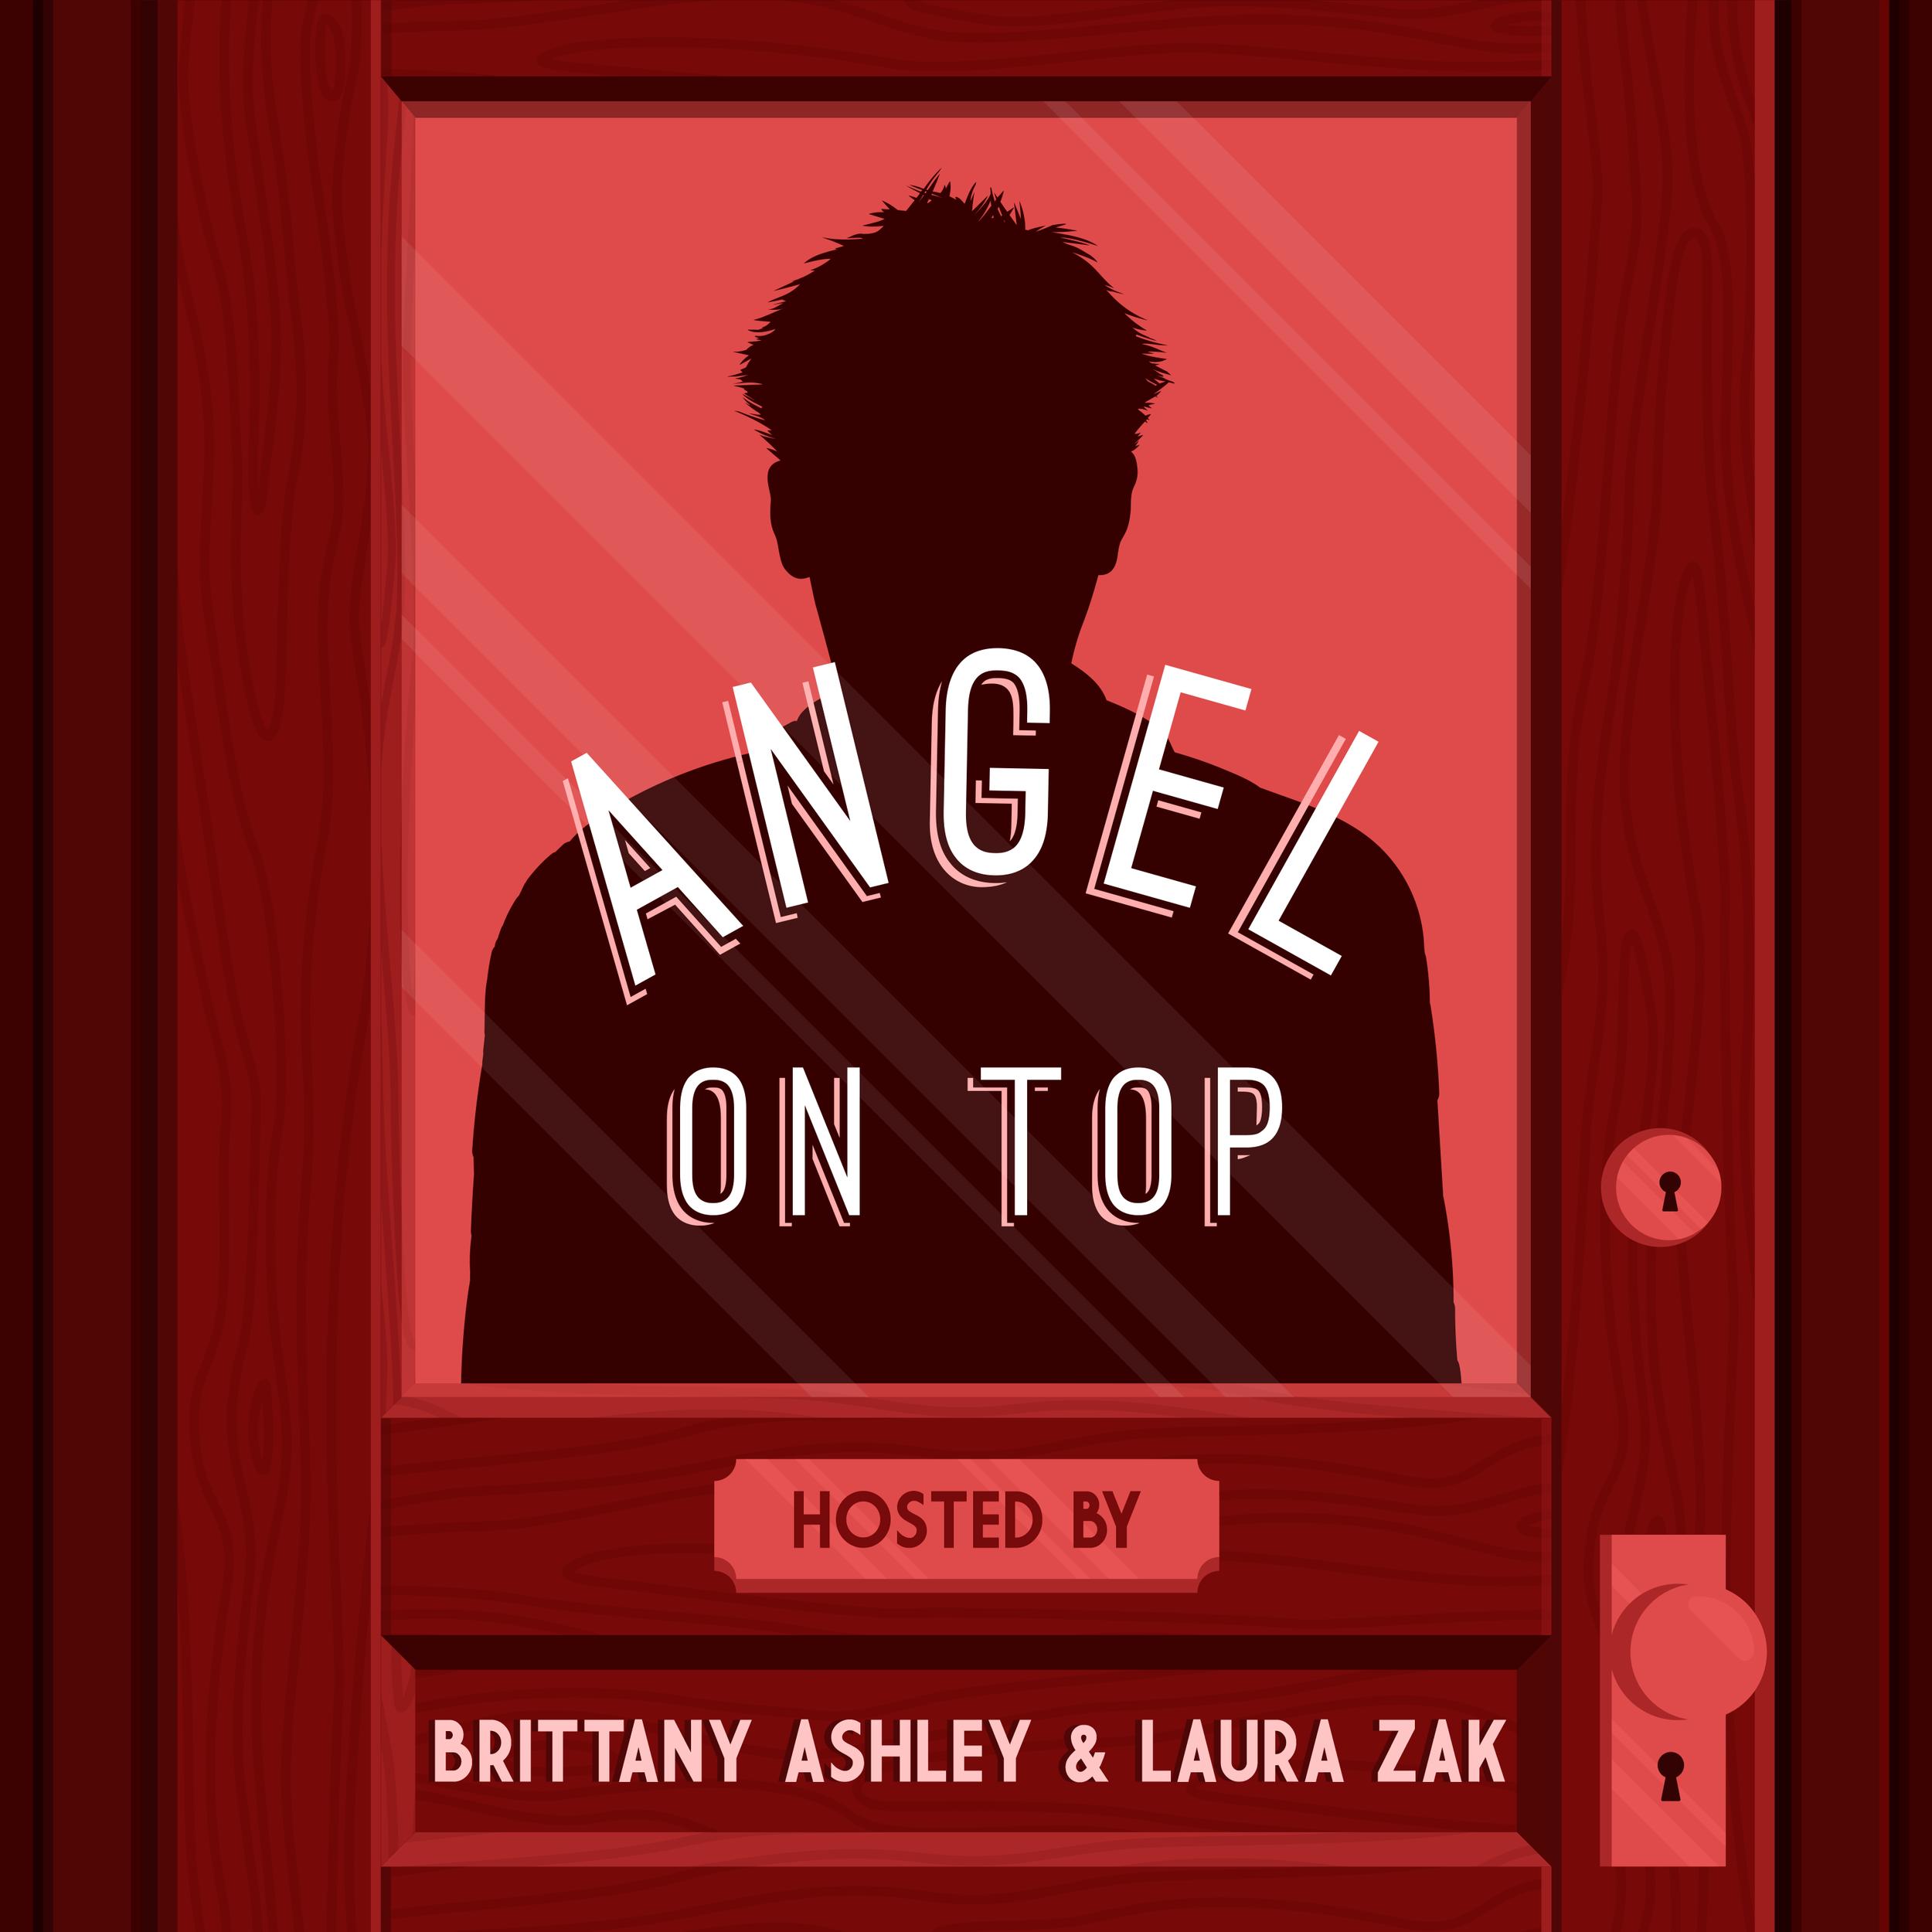 AngelOnTopArtwork-iTunesReady.png